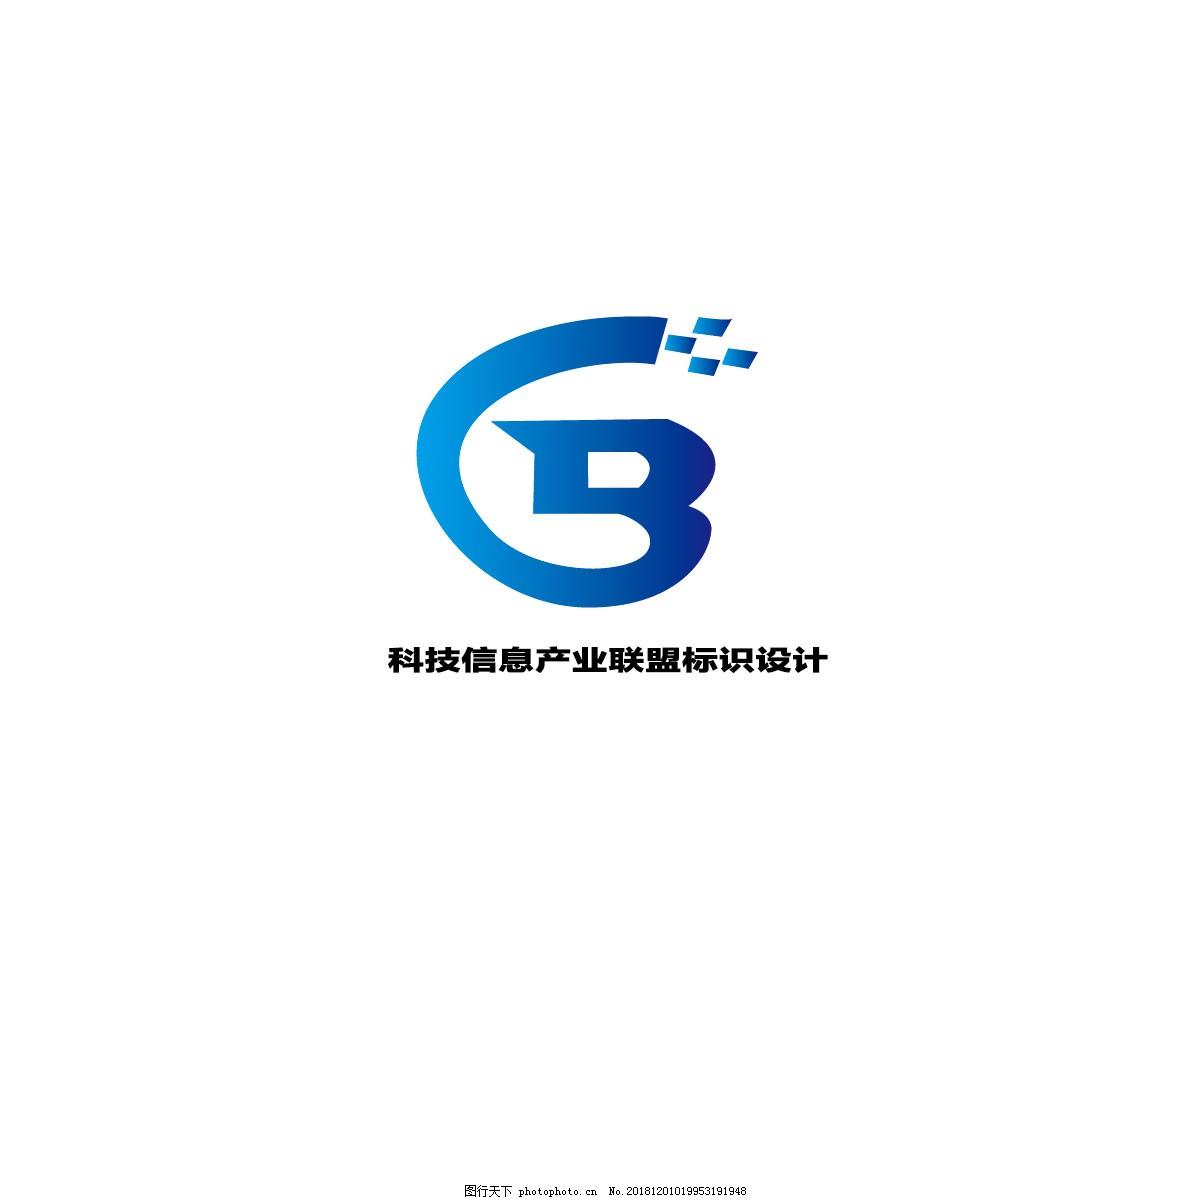 科技信息产业联盟标识设计